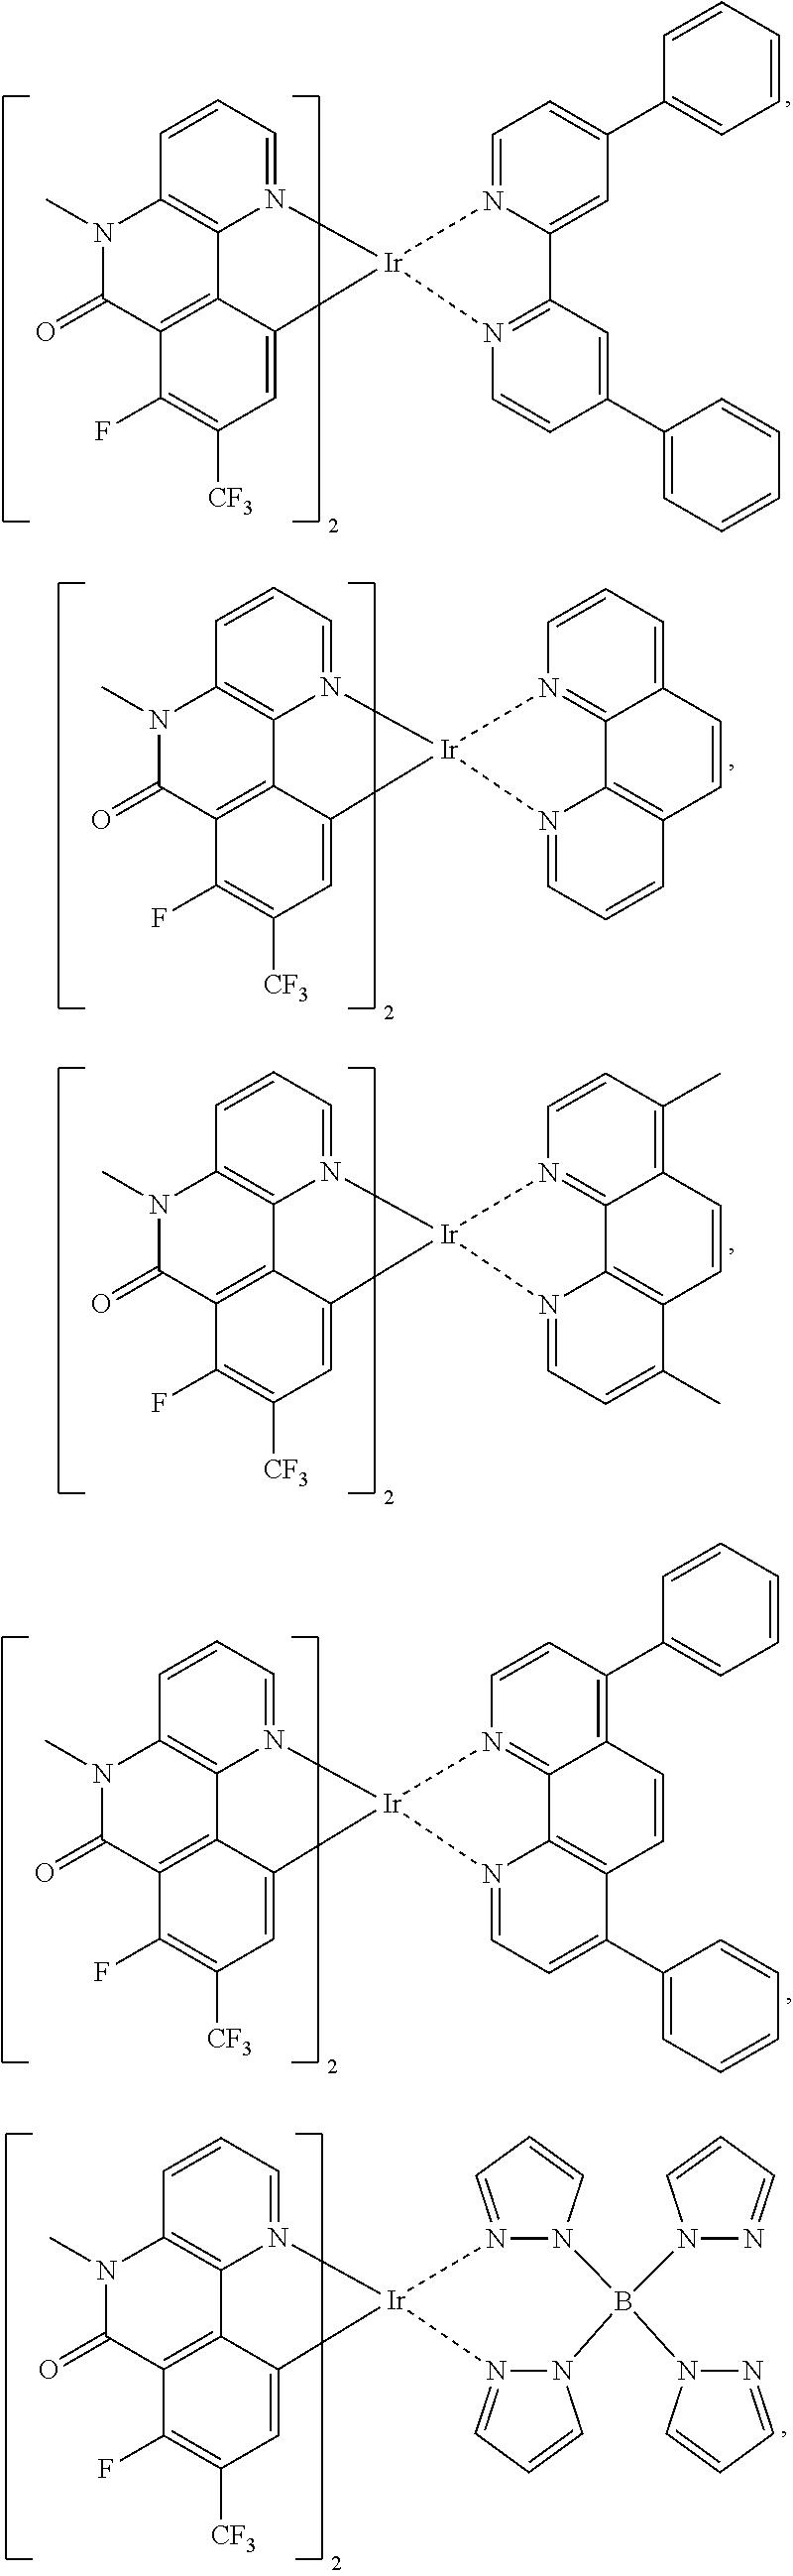 Figure US09634266-20170425-C00019